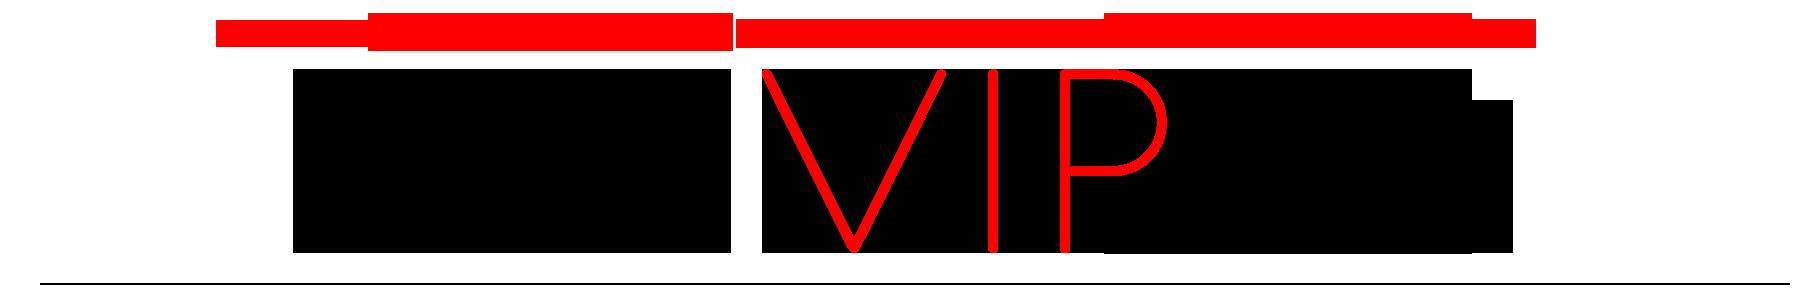 topvip.cz